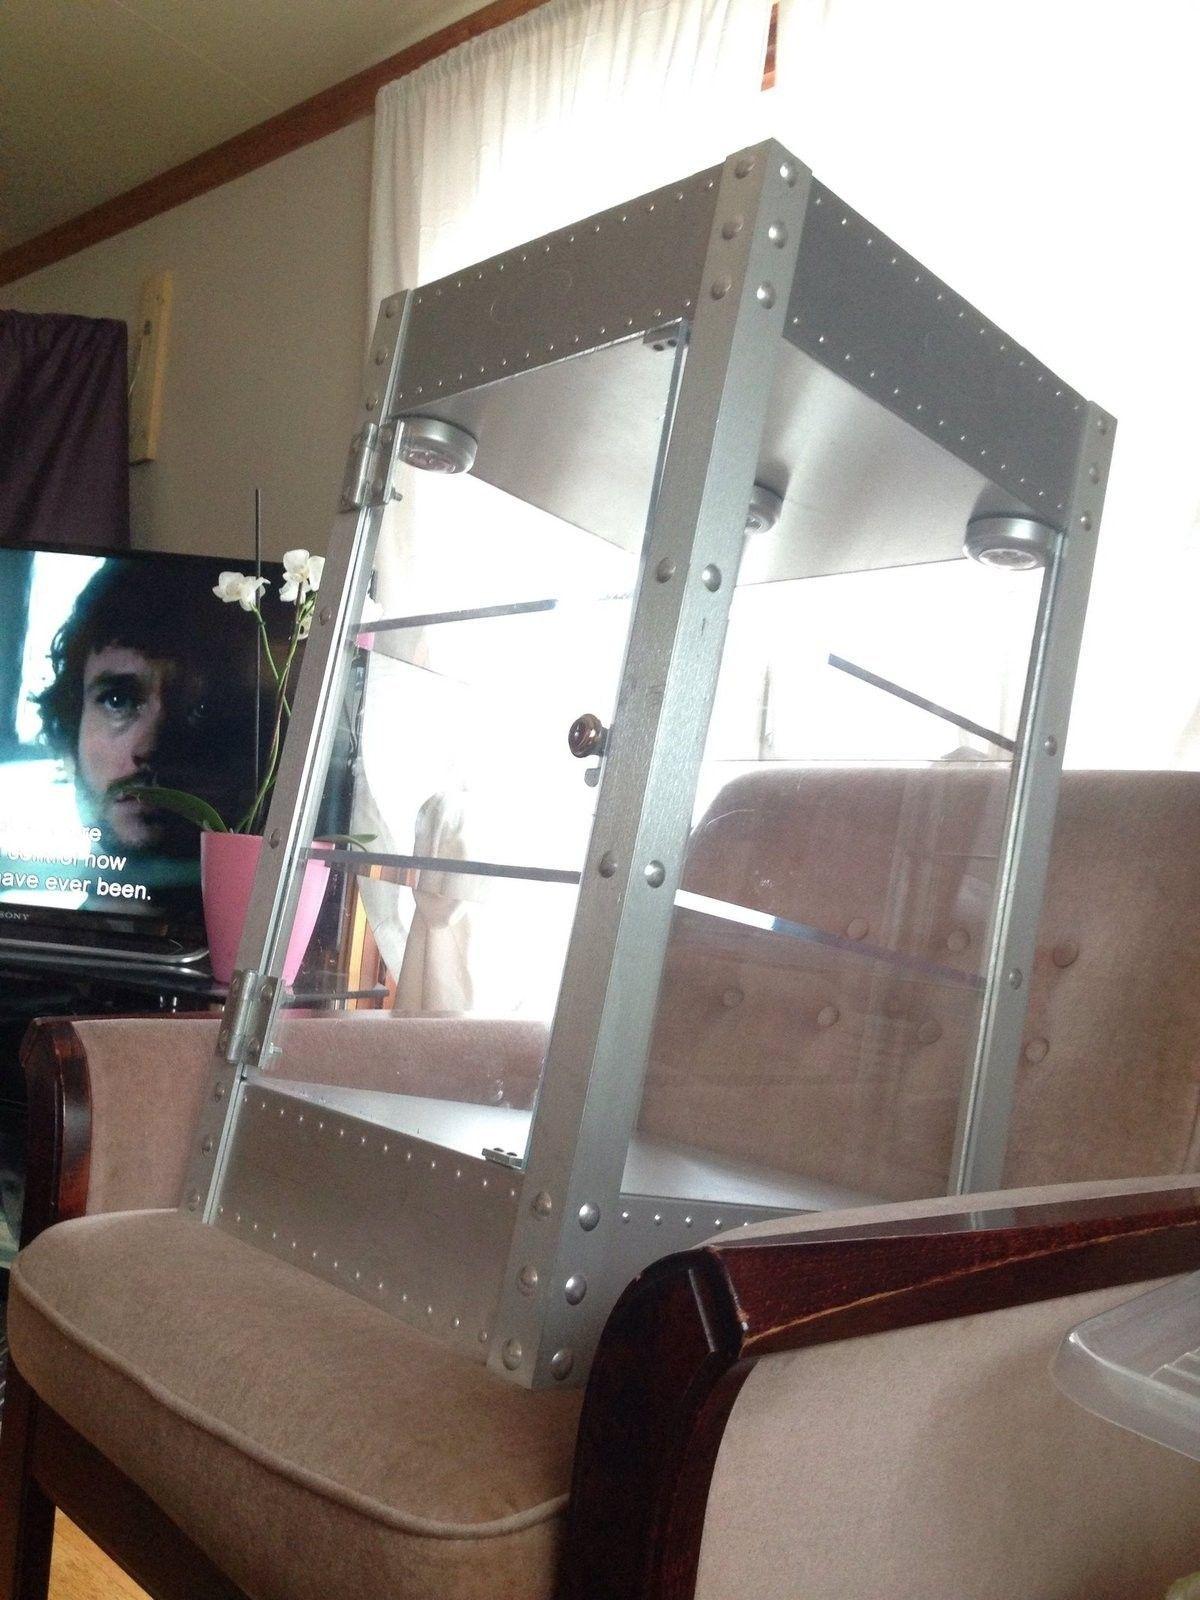 Finally an oakley display case - image.jpg